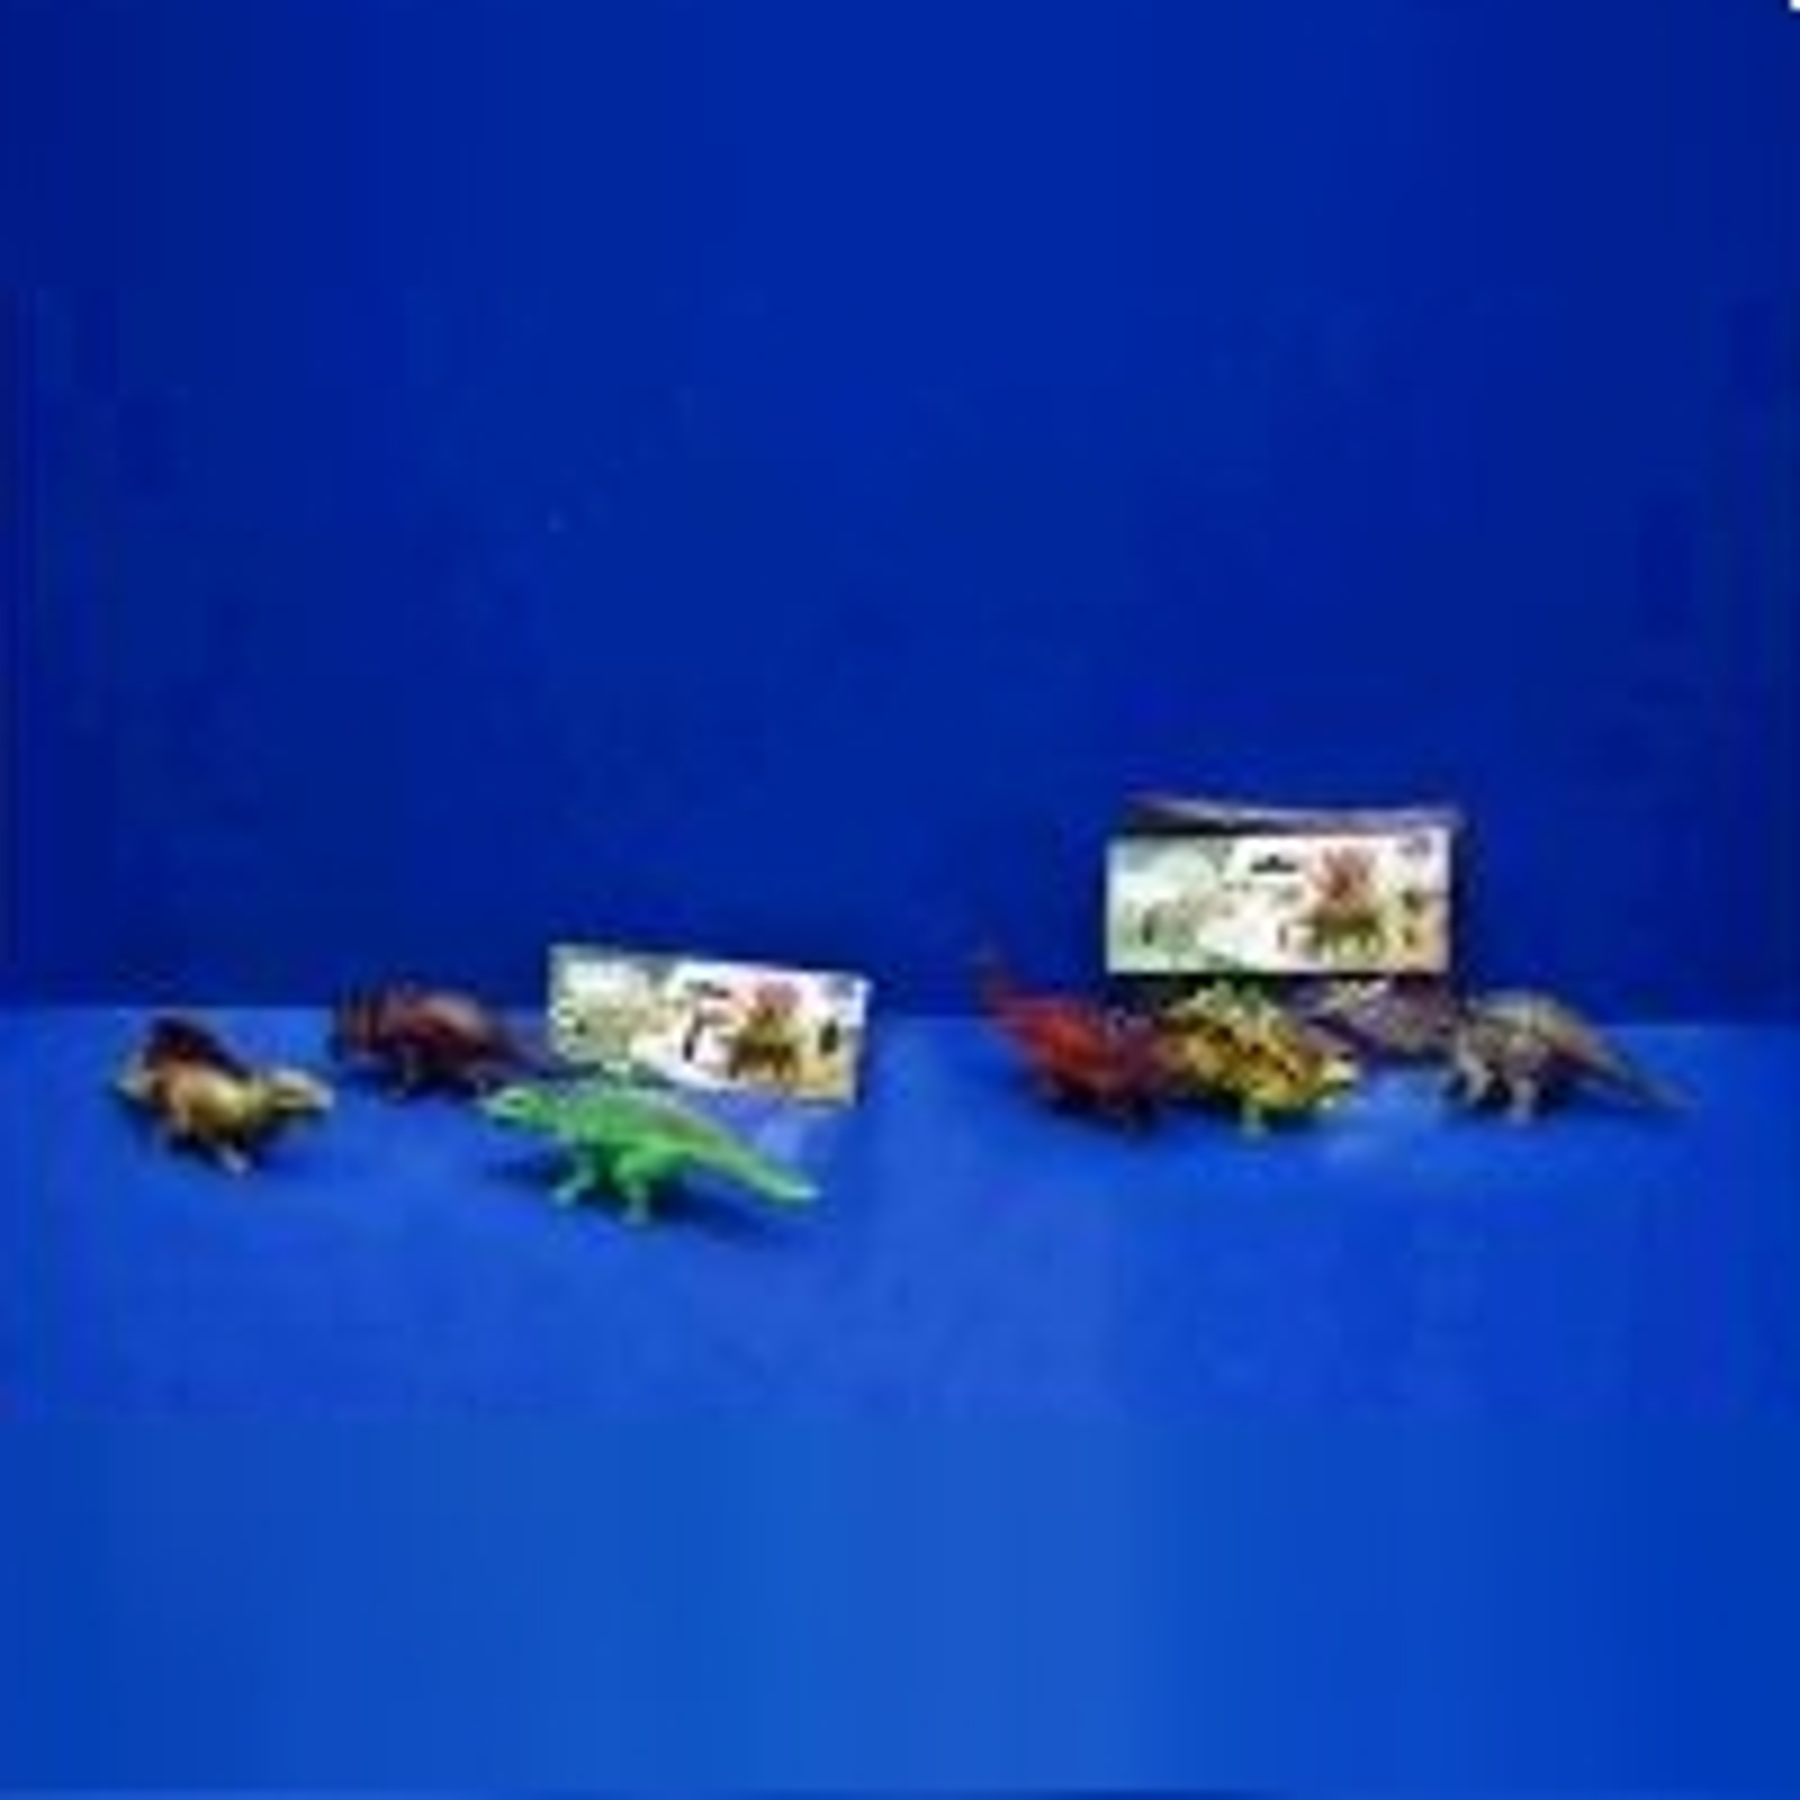 Динозавр пластмассовый без механизма по 3шт А807-H42517 (379201)